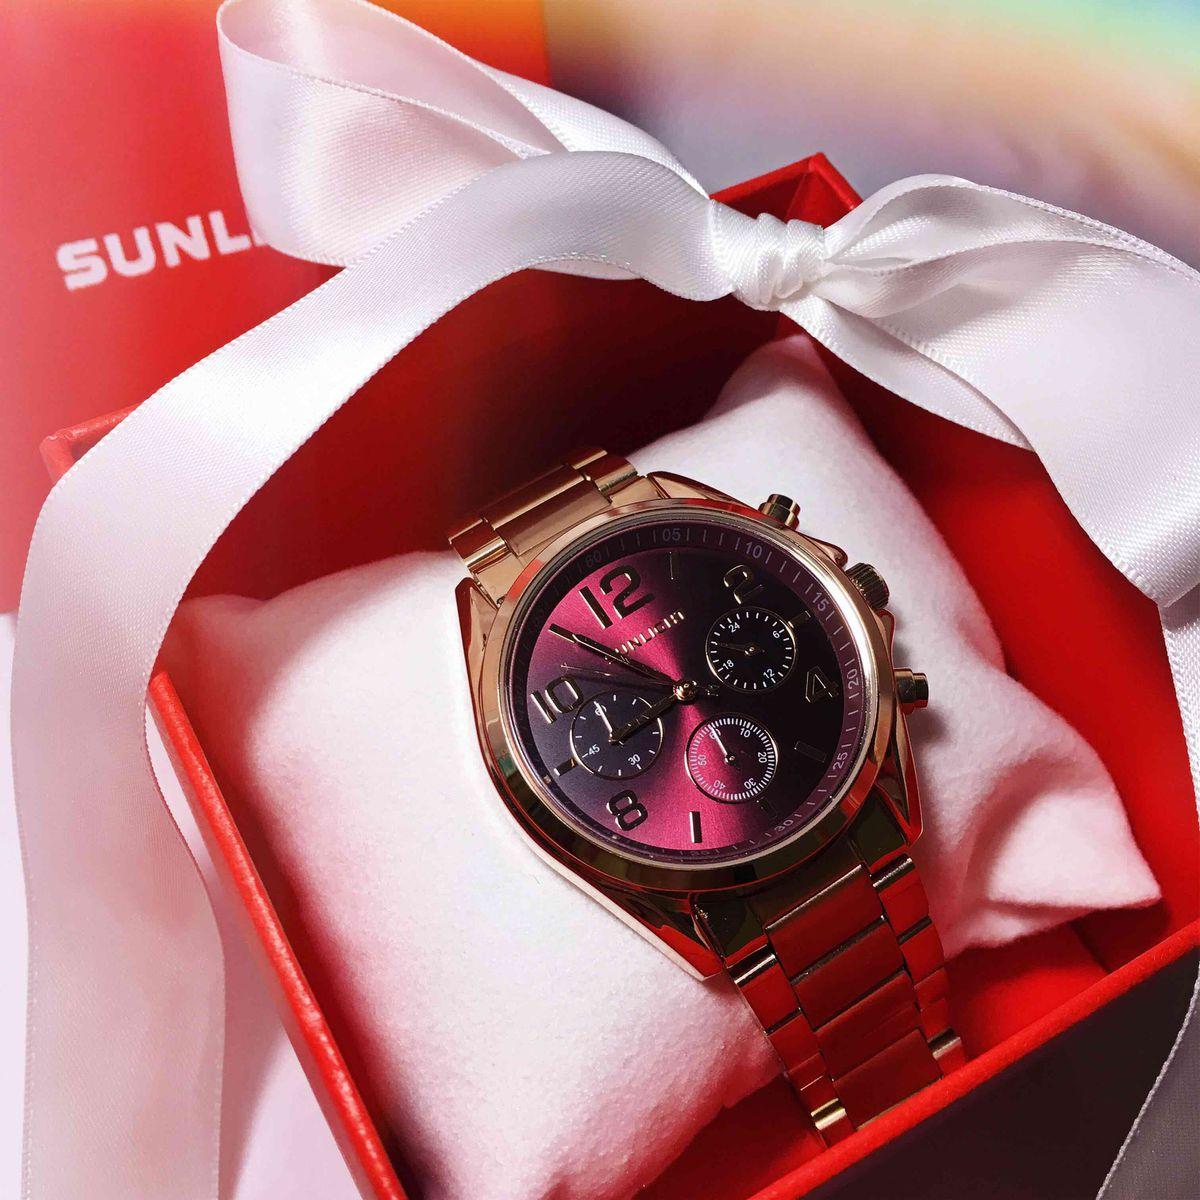 Я получила эти часы в подарок и была удивлена качеством.